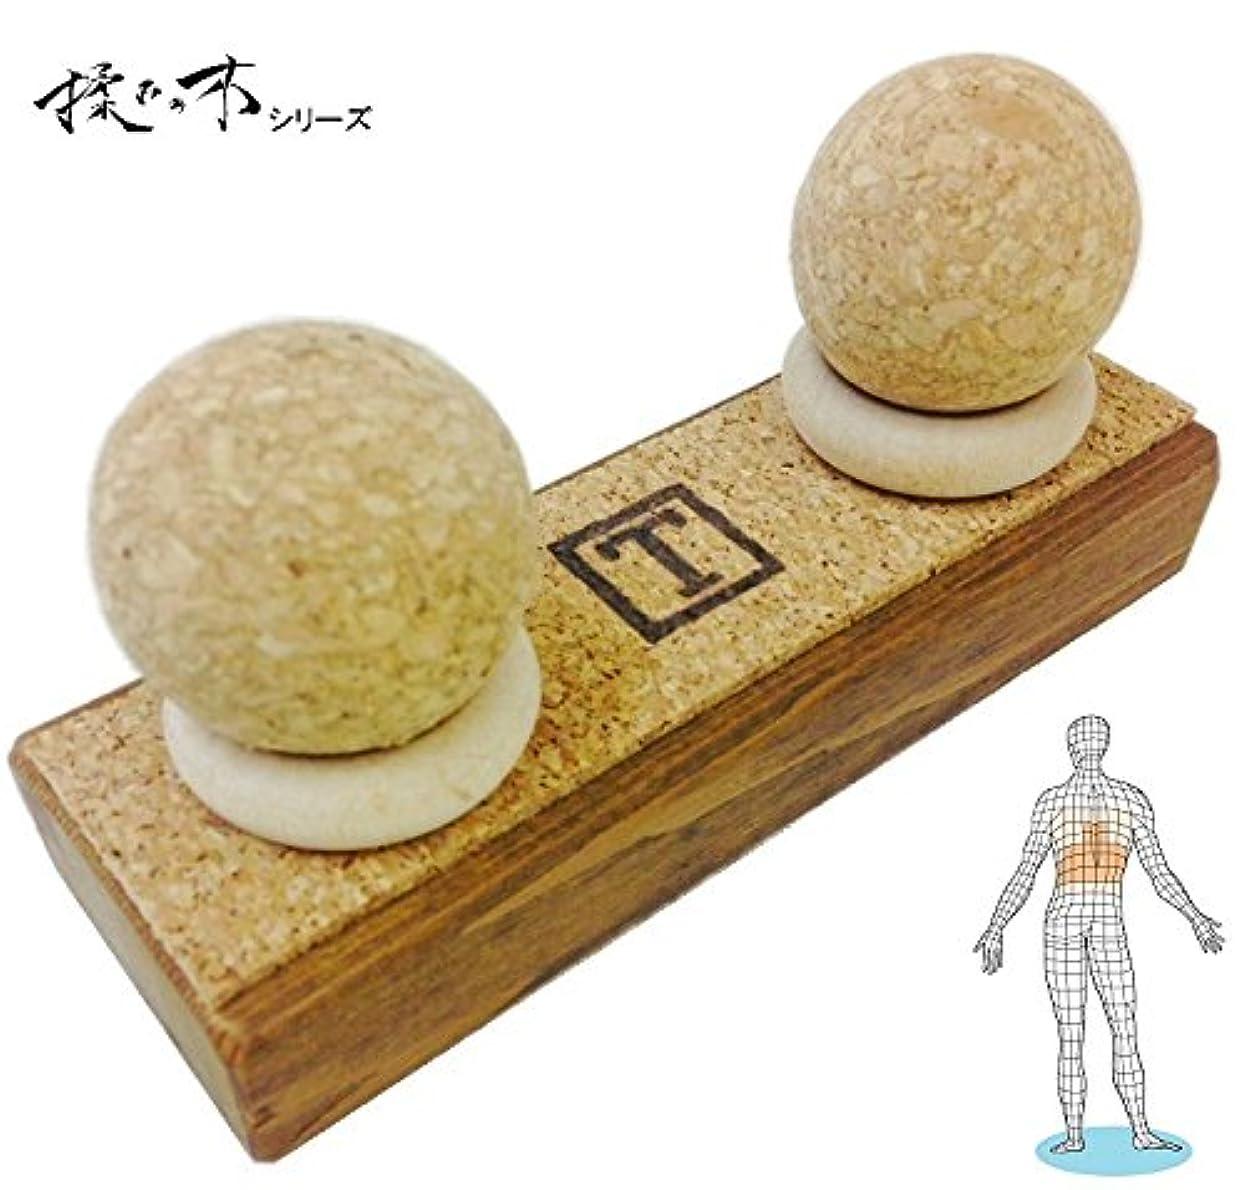 ヘビープレゼン外側腰プロストレッチ Standard Type 背中下部から腰のセルフマッサージを強力にサポート